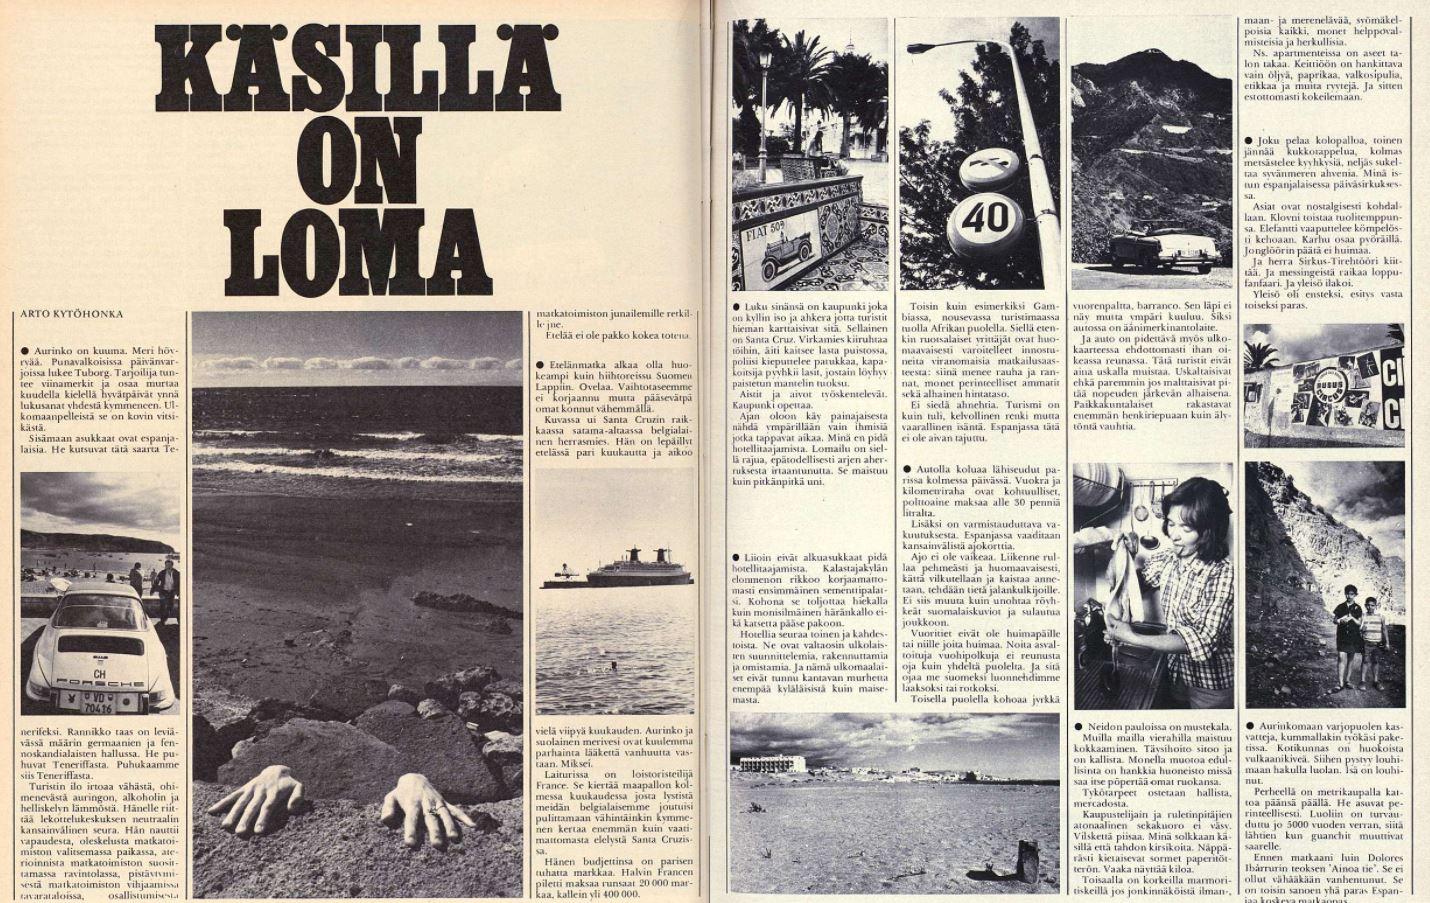 """""""Etelänmatka alkaa olla huokeampi kuin hiihtoreissu Suomen Lappiin"""", kirjoitti Suomen Kuvalehti vuonna 1972."""